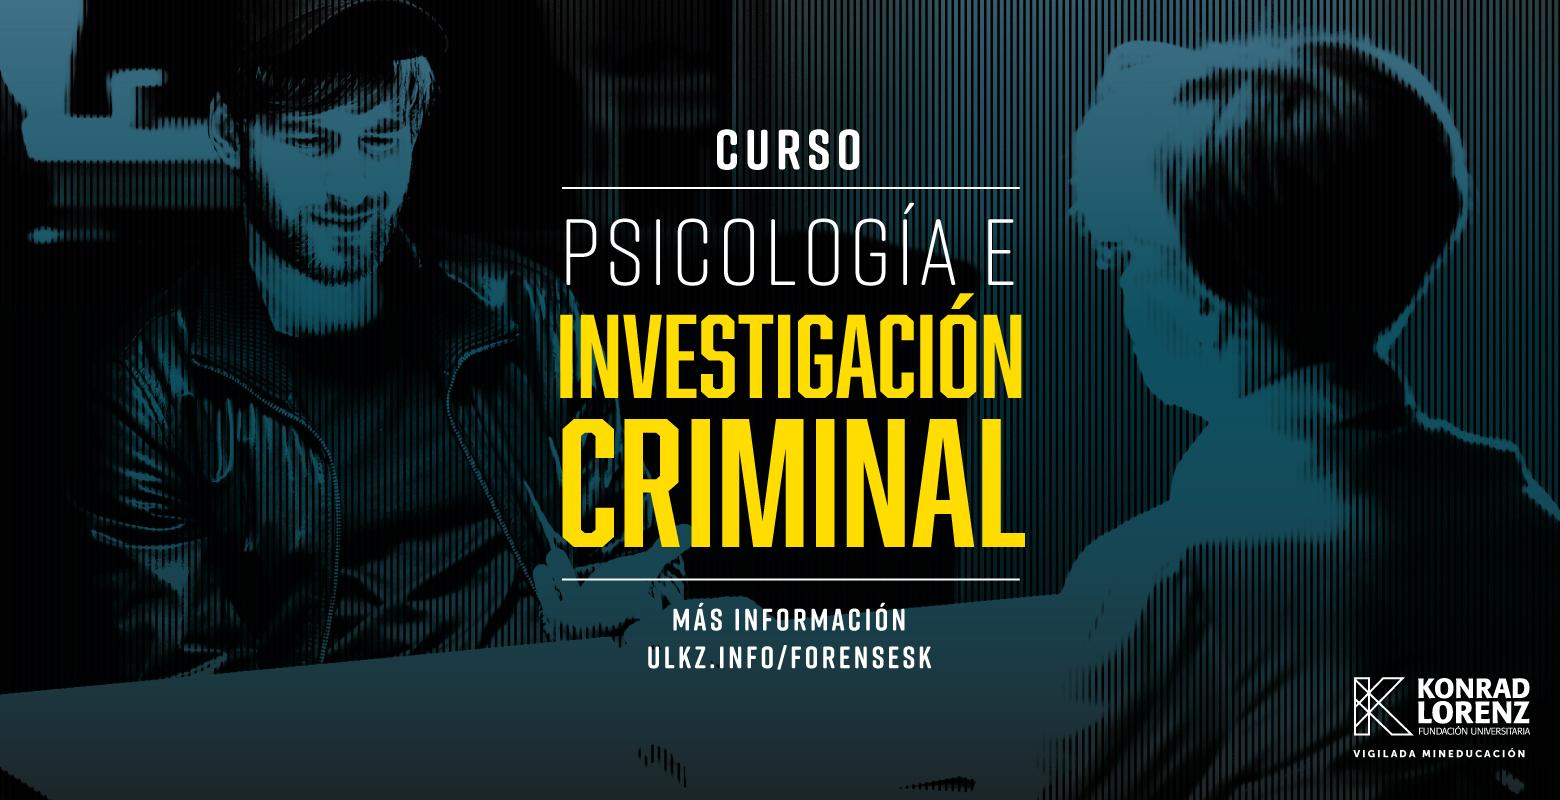 Curso en Psicología e Investigación Criminal